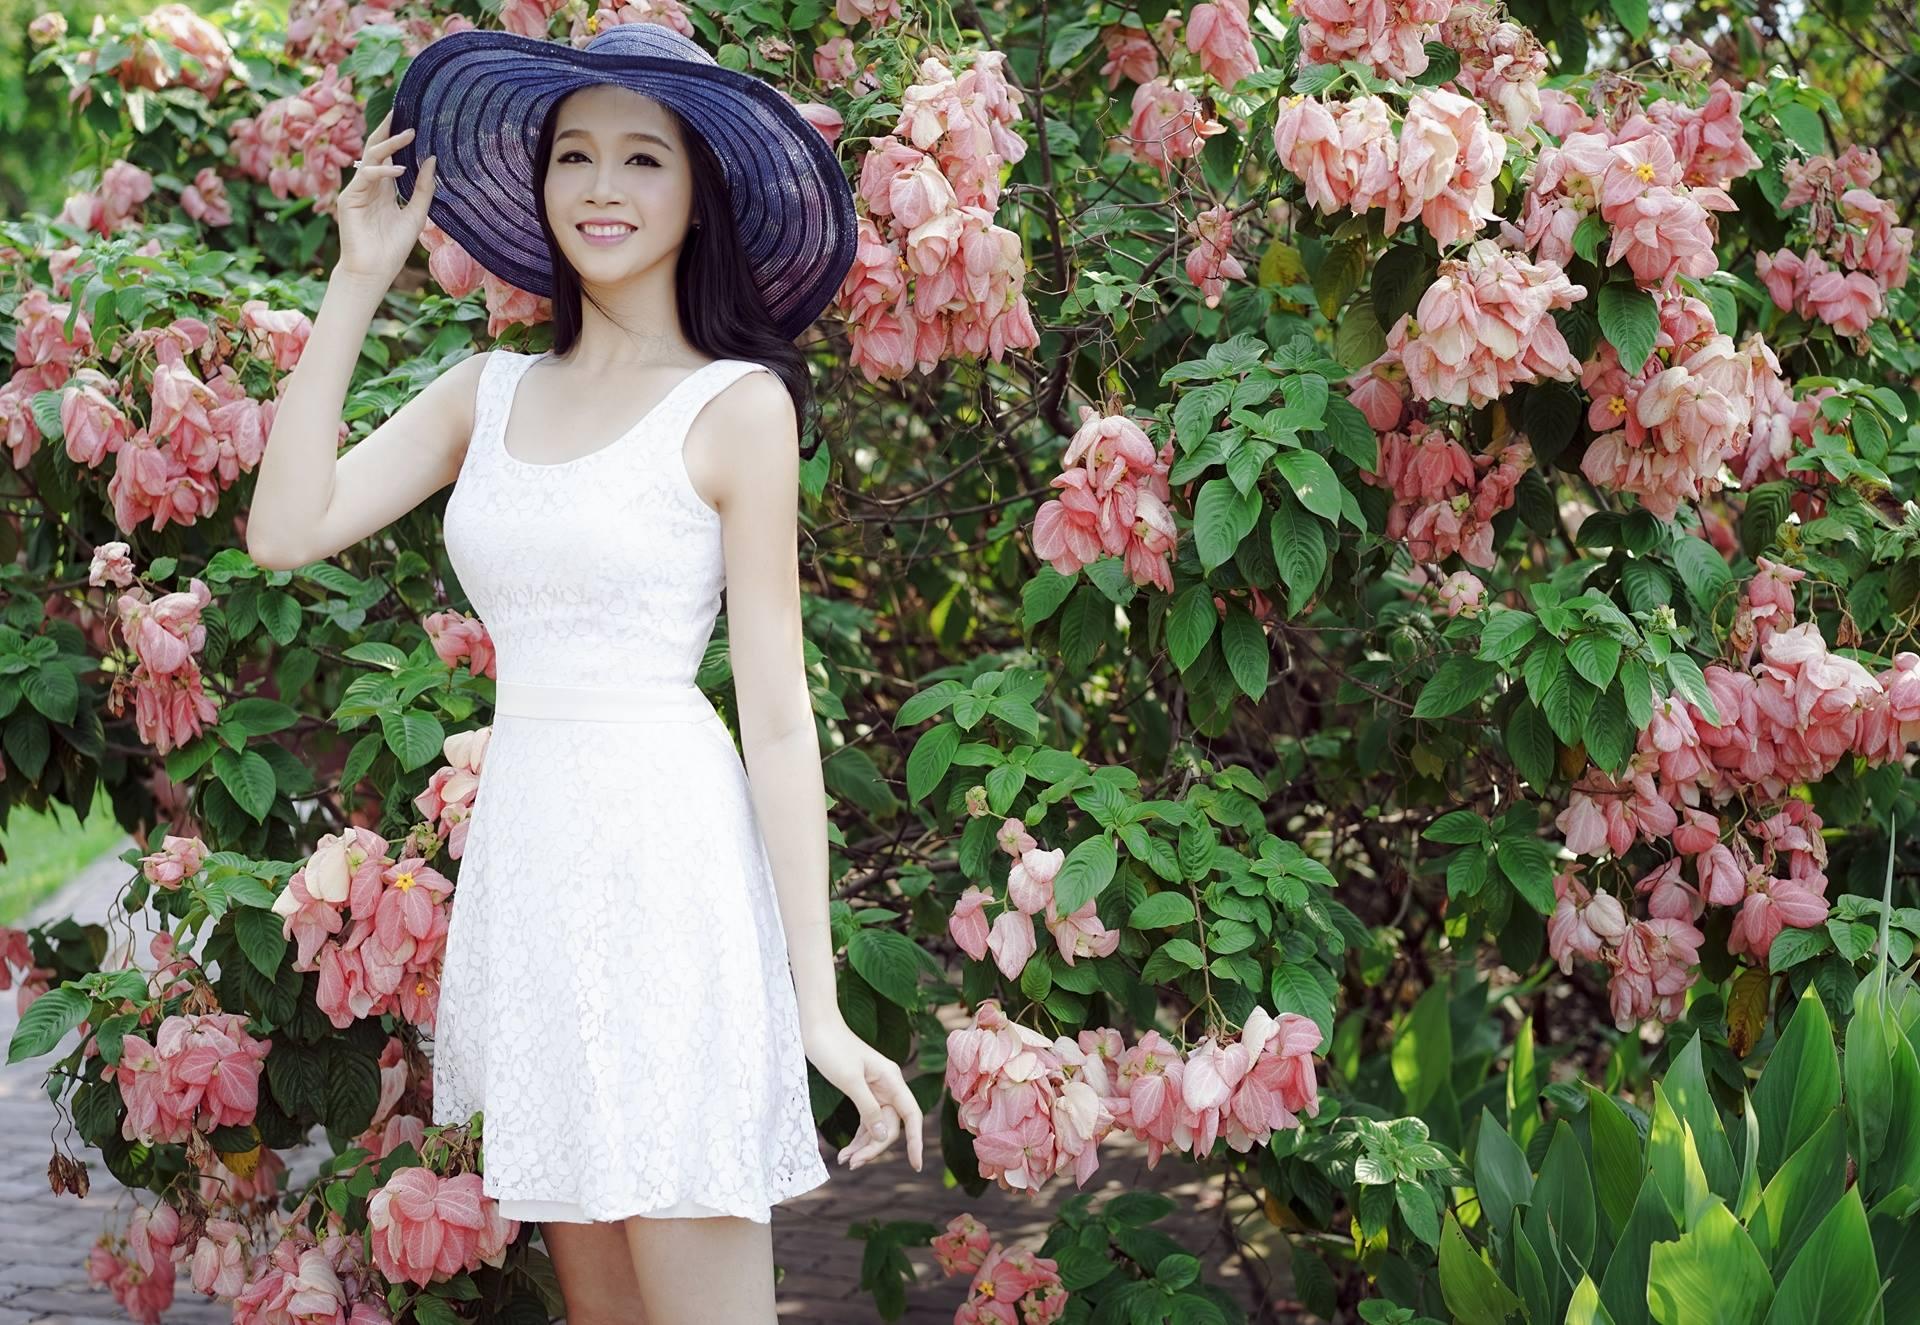 Giải đồng siêu mẫu 2012 Lê Thu An rạng rỡ dưới nắng hè